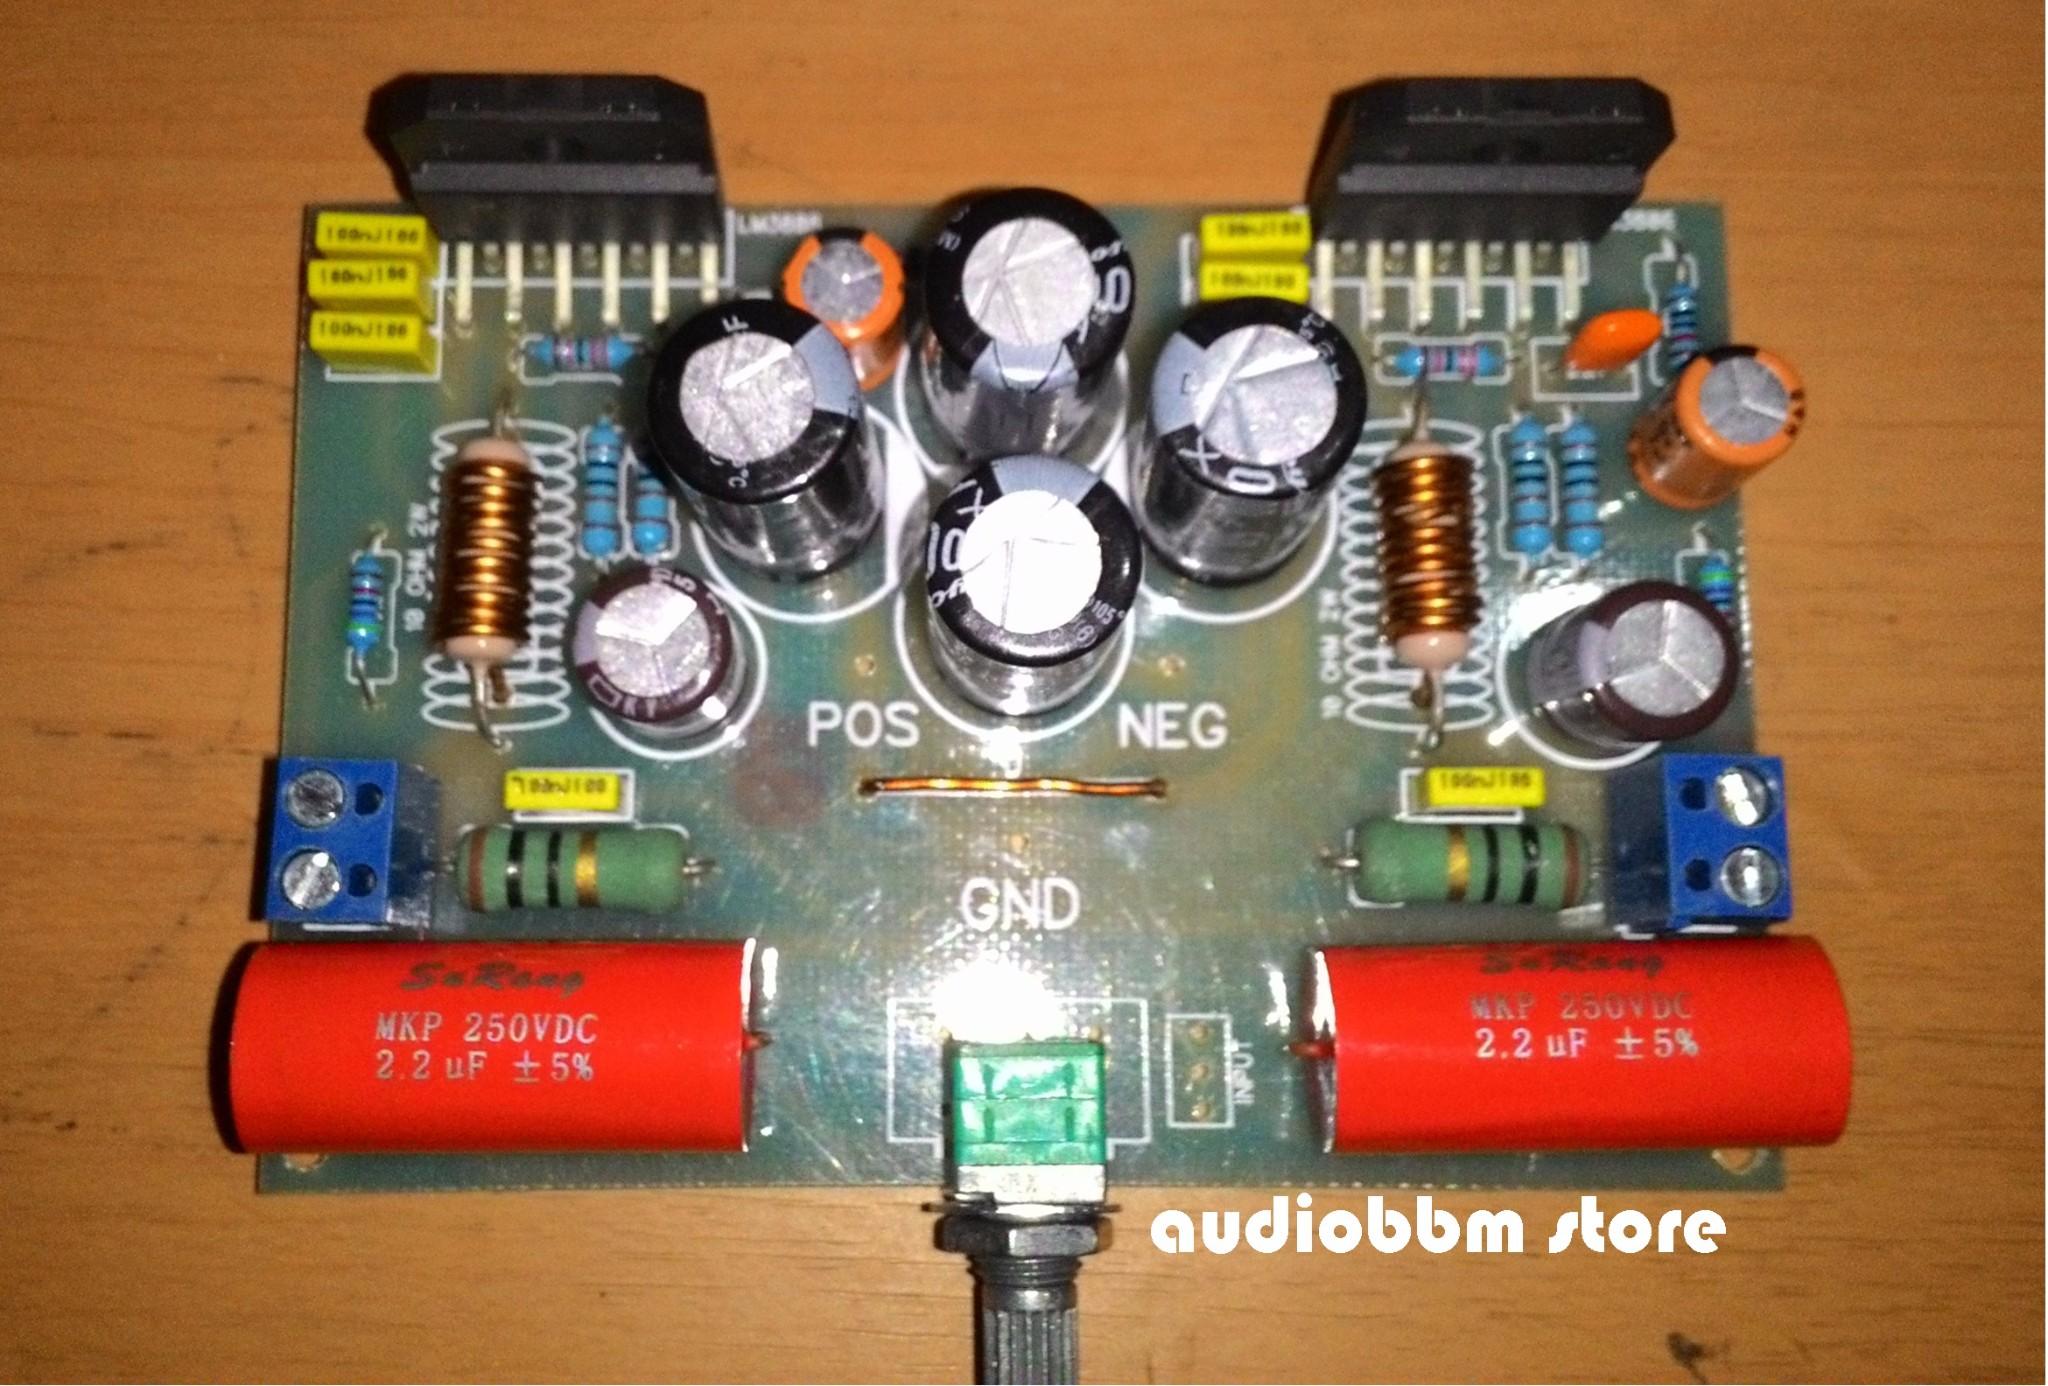 gainclone chip amplifier audiobbmcom lets do it